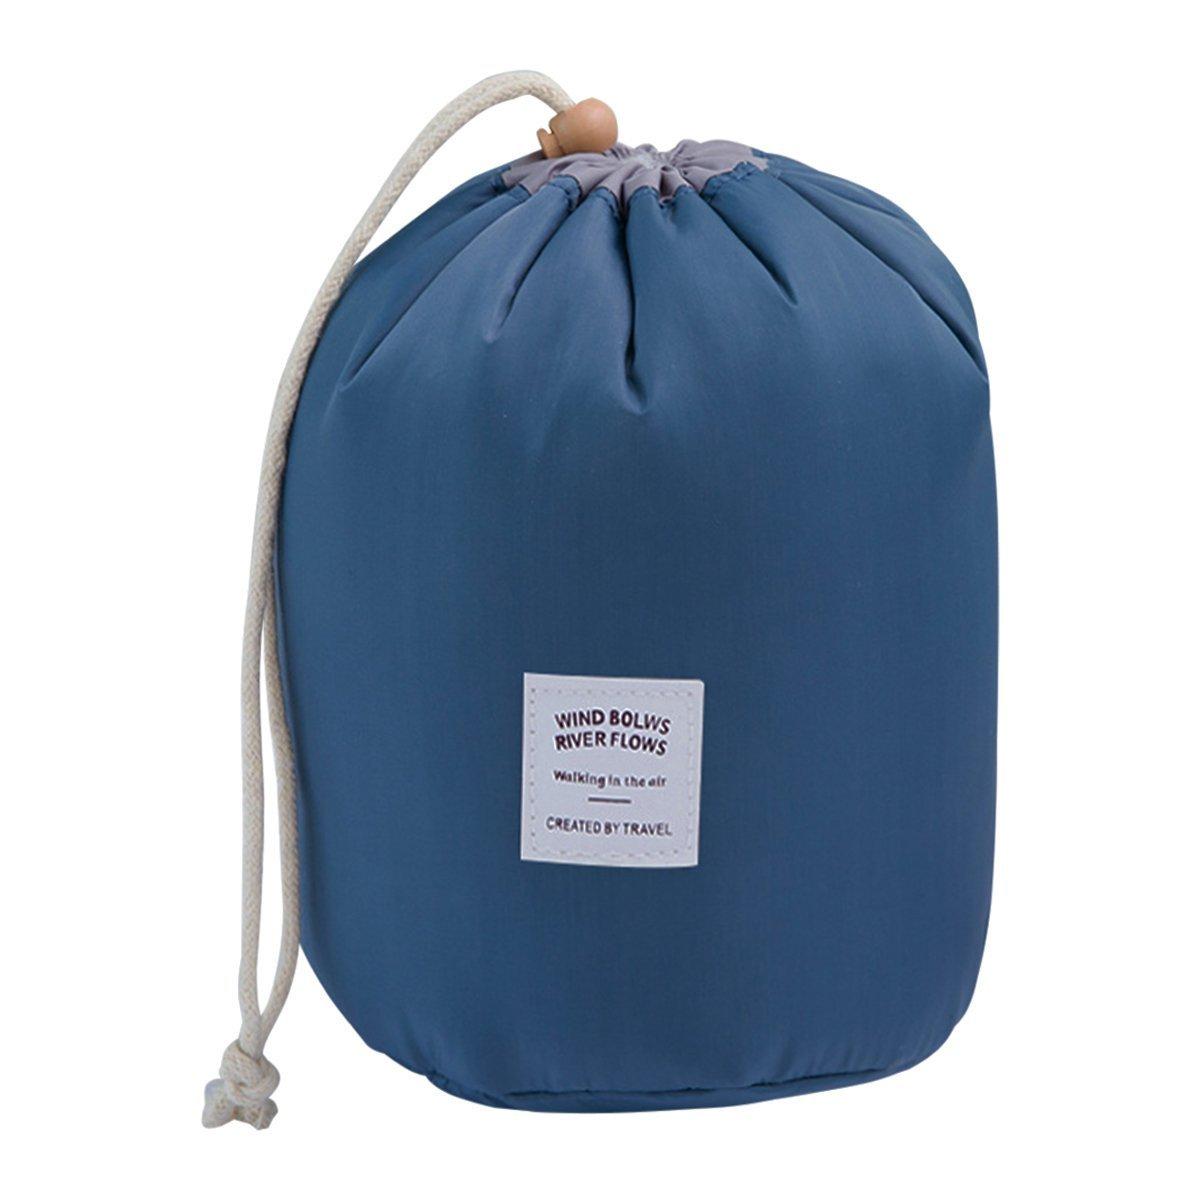 COOJA Reise Kulturbeutel Damen, Wasserdicht Rund Kosmetiktasche mit Kordelzug, Kulturtasche Waschbeutel + Mini Beutel + Transparente PVC Tasche -Dunkel Blau